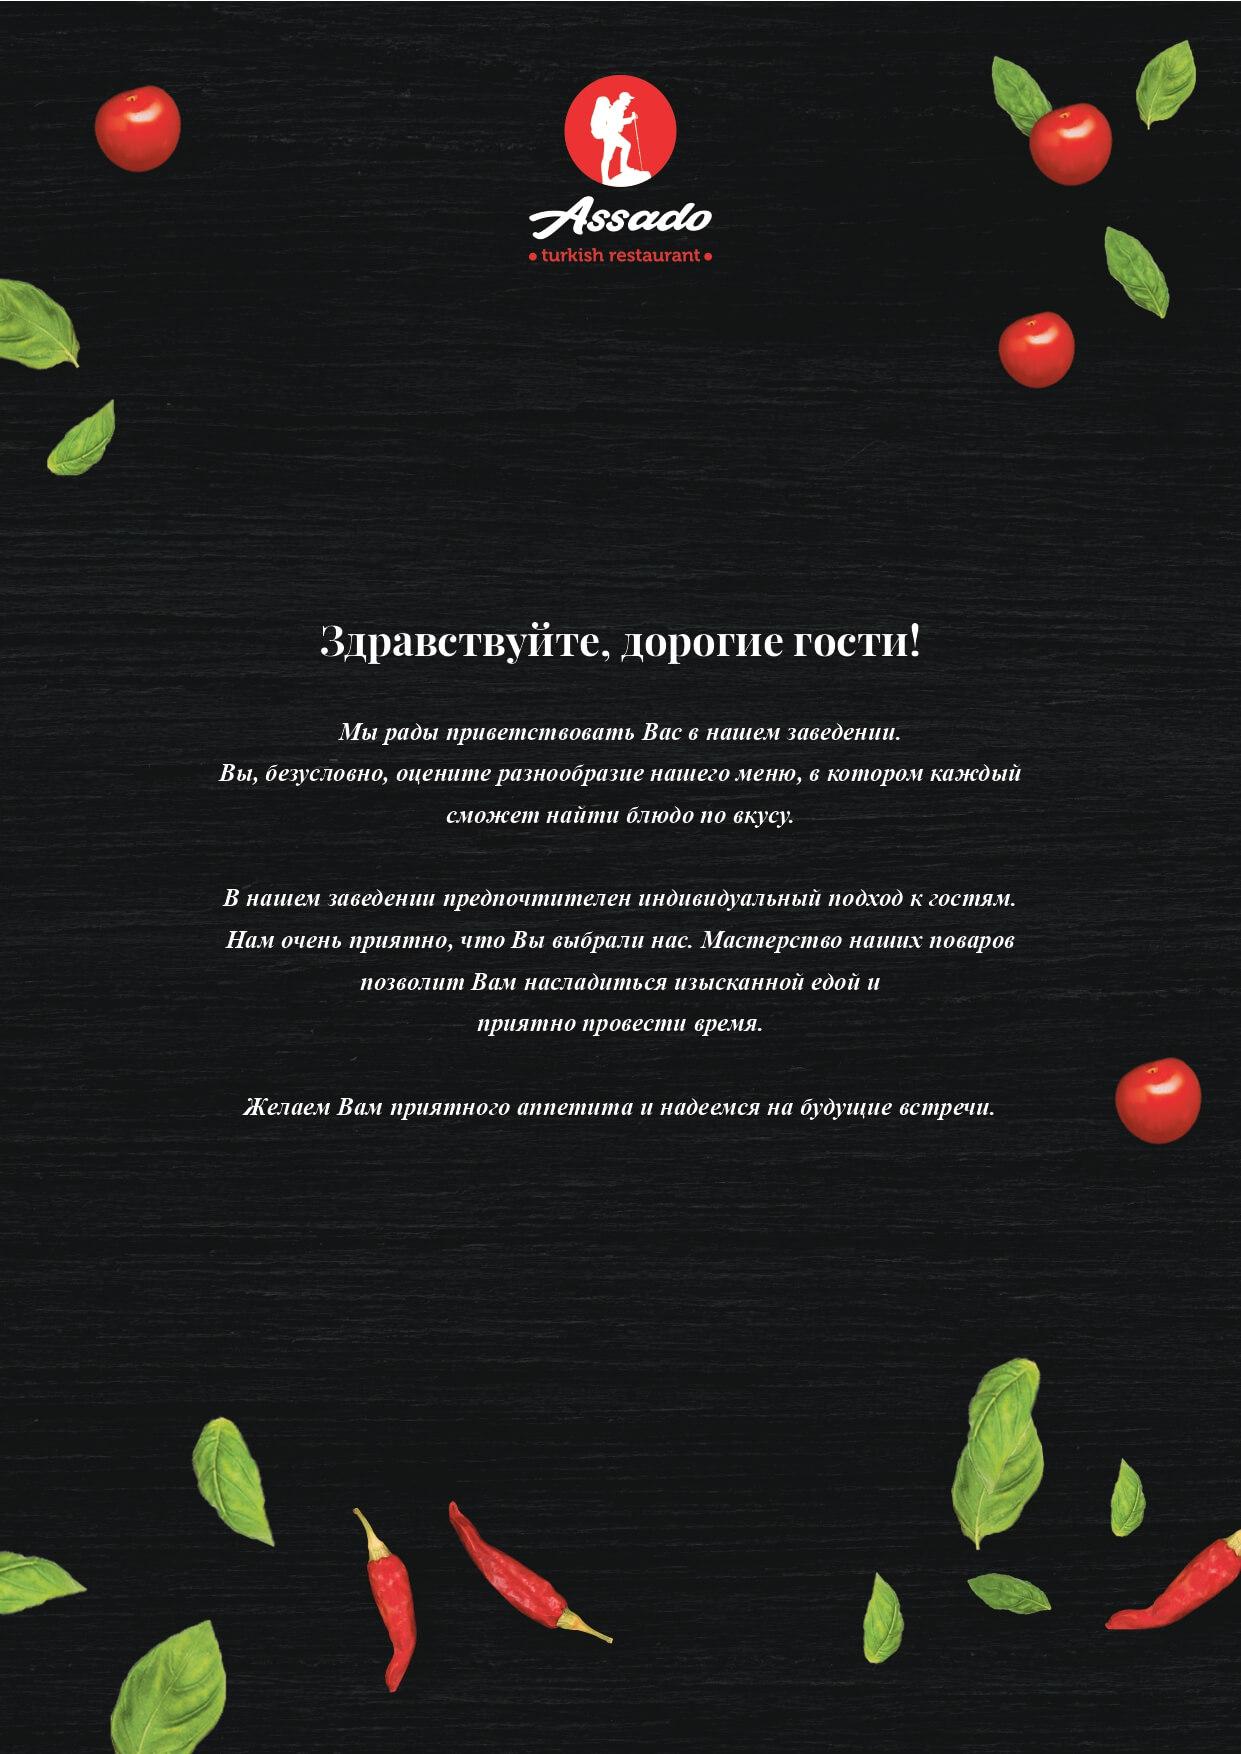 Assado_menu_page-0001